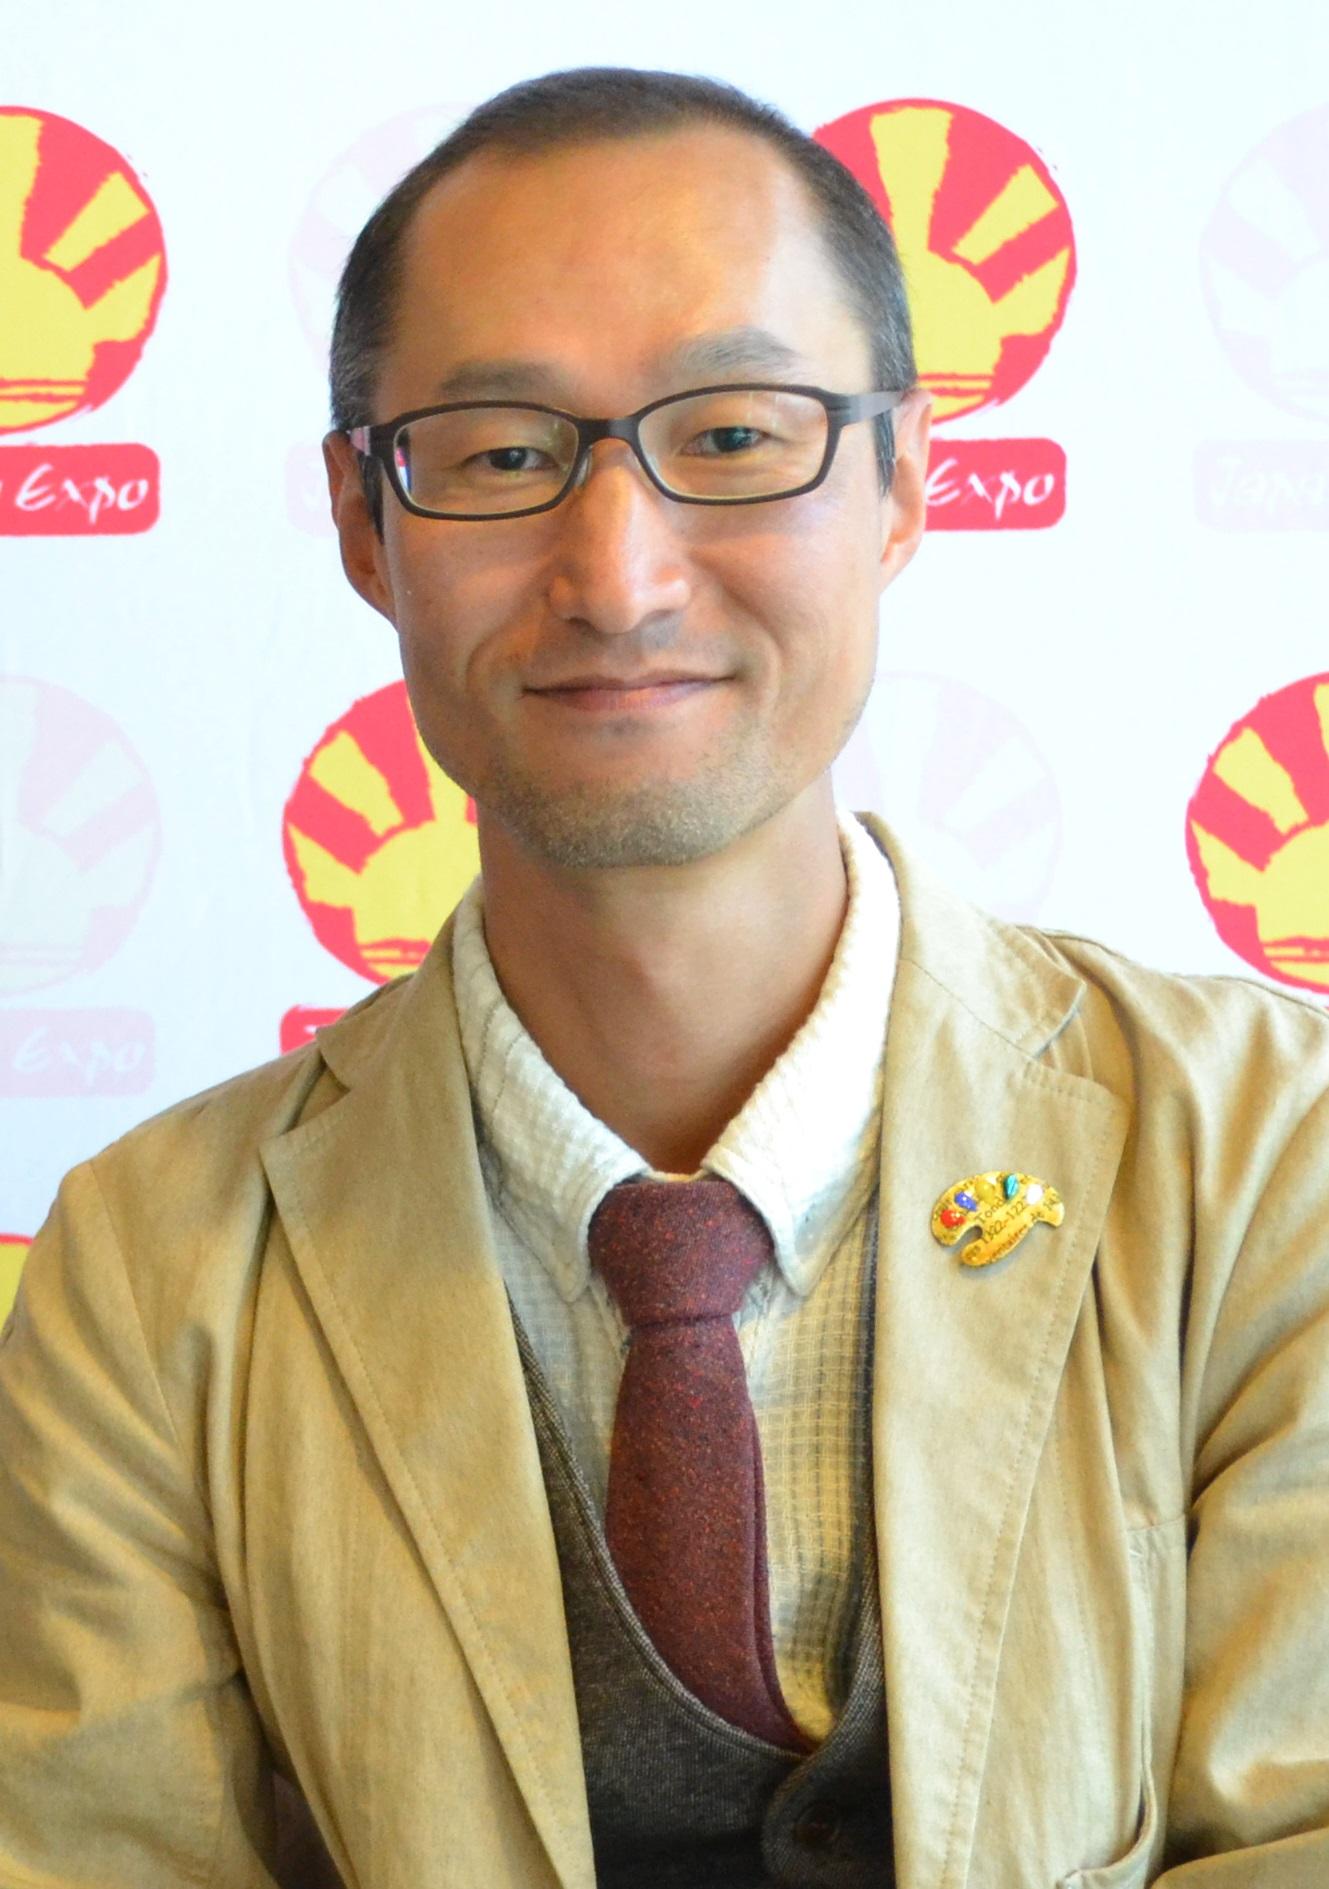 OZAKI Masayuki